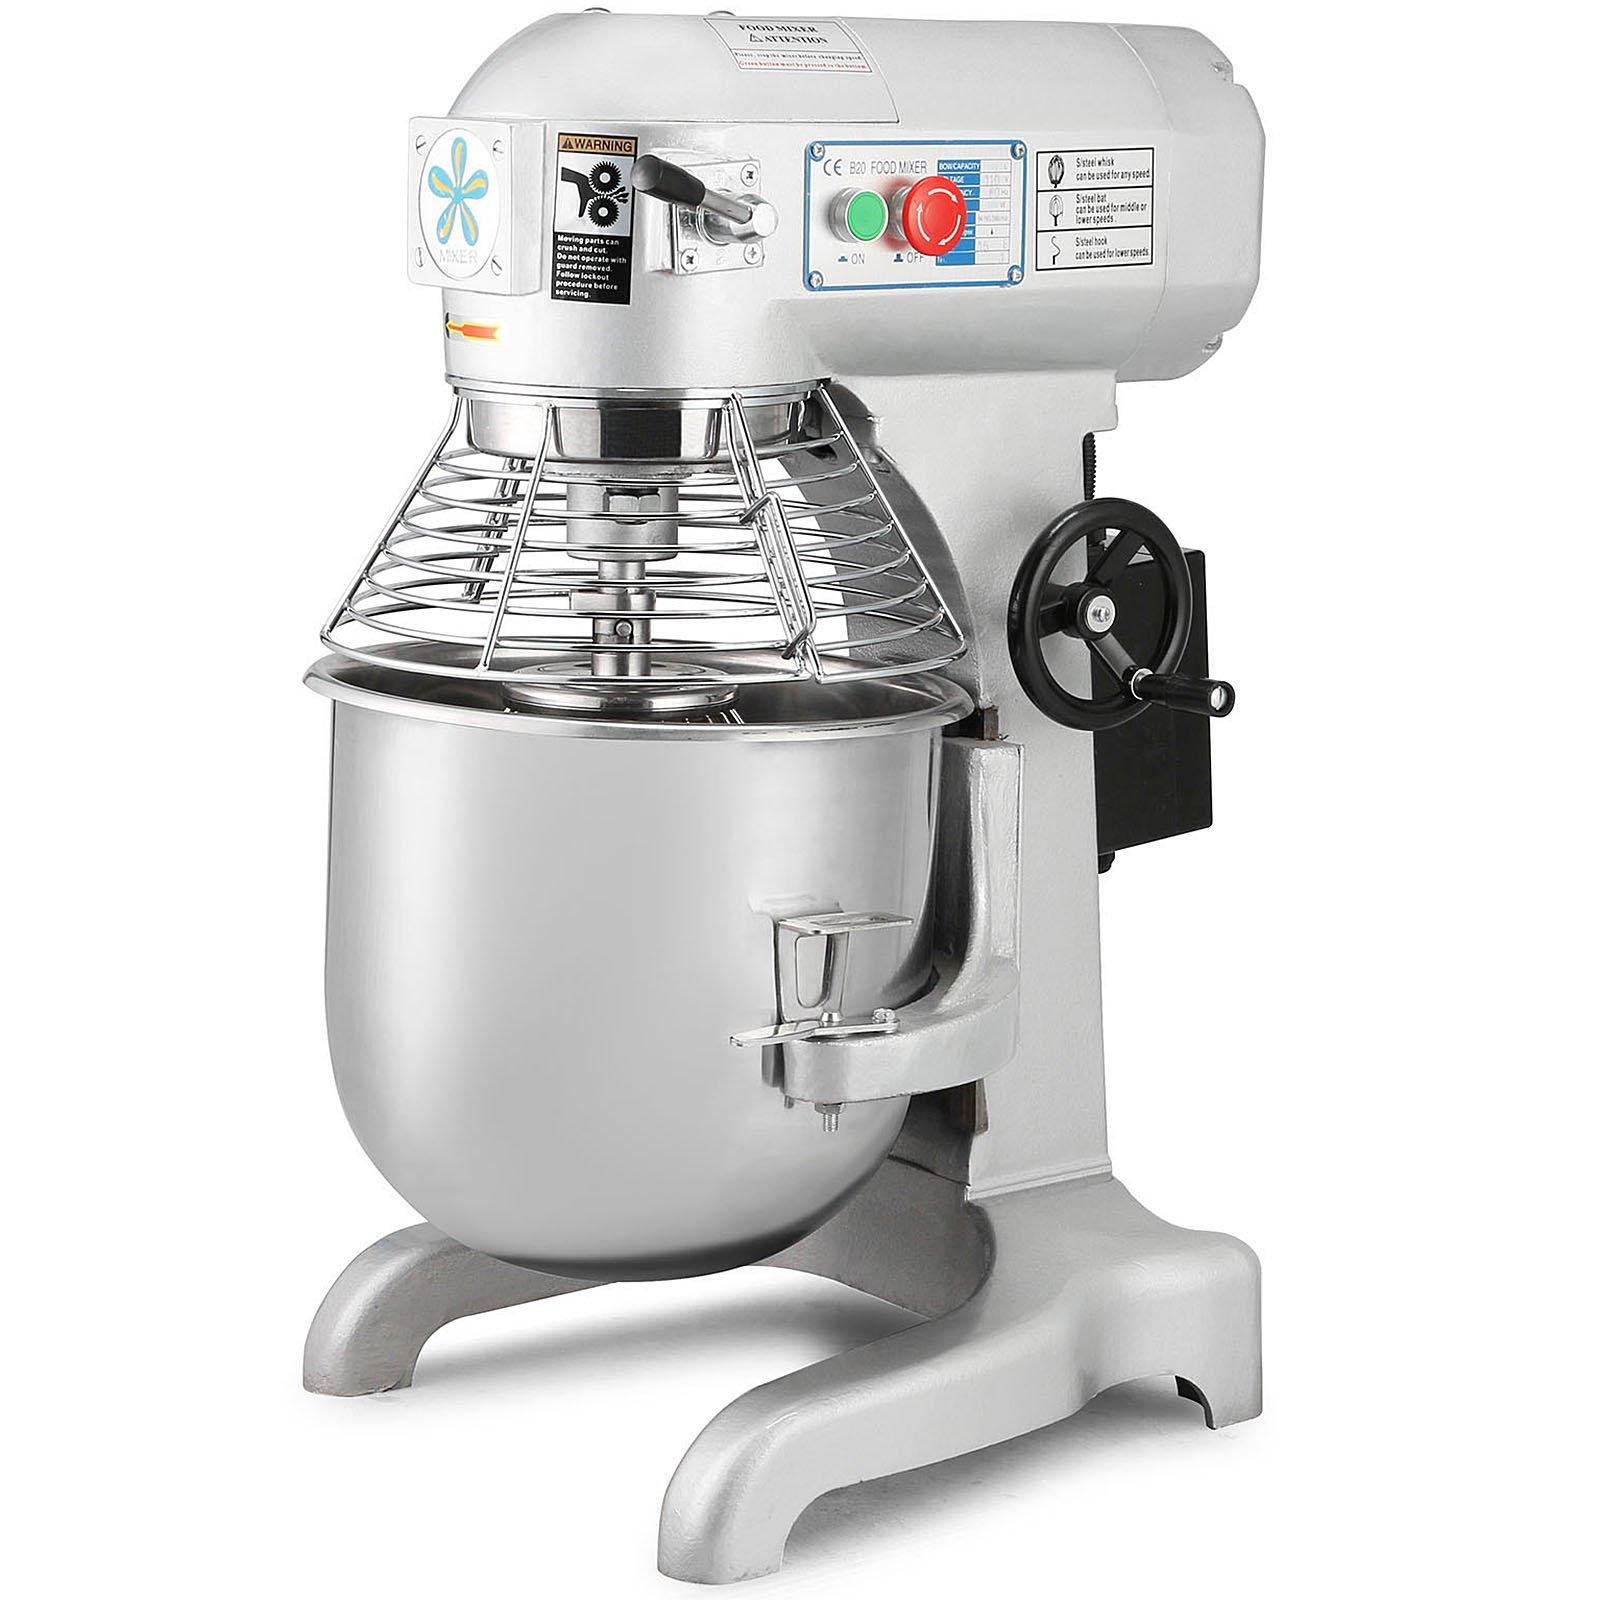 Happybuy Commercial Food Mixer 1100W Dough Mixer Maker 3 Speeds Adjustable Commercial Mixer Grinder 94/165/386 RPM Stand Mixer (30 qt)